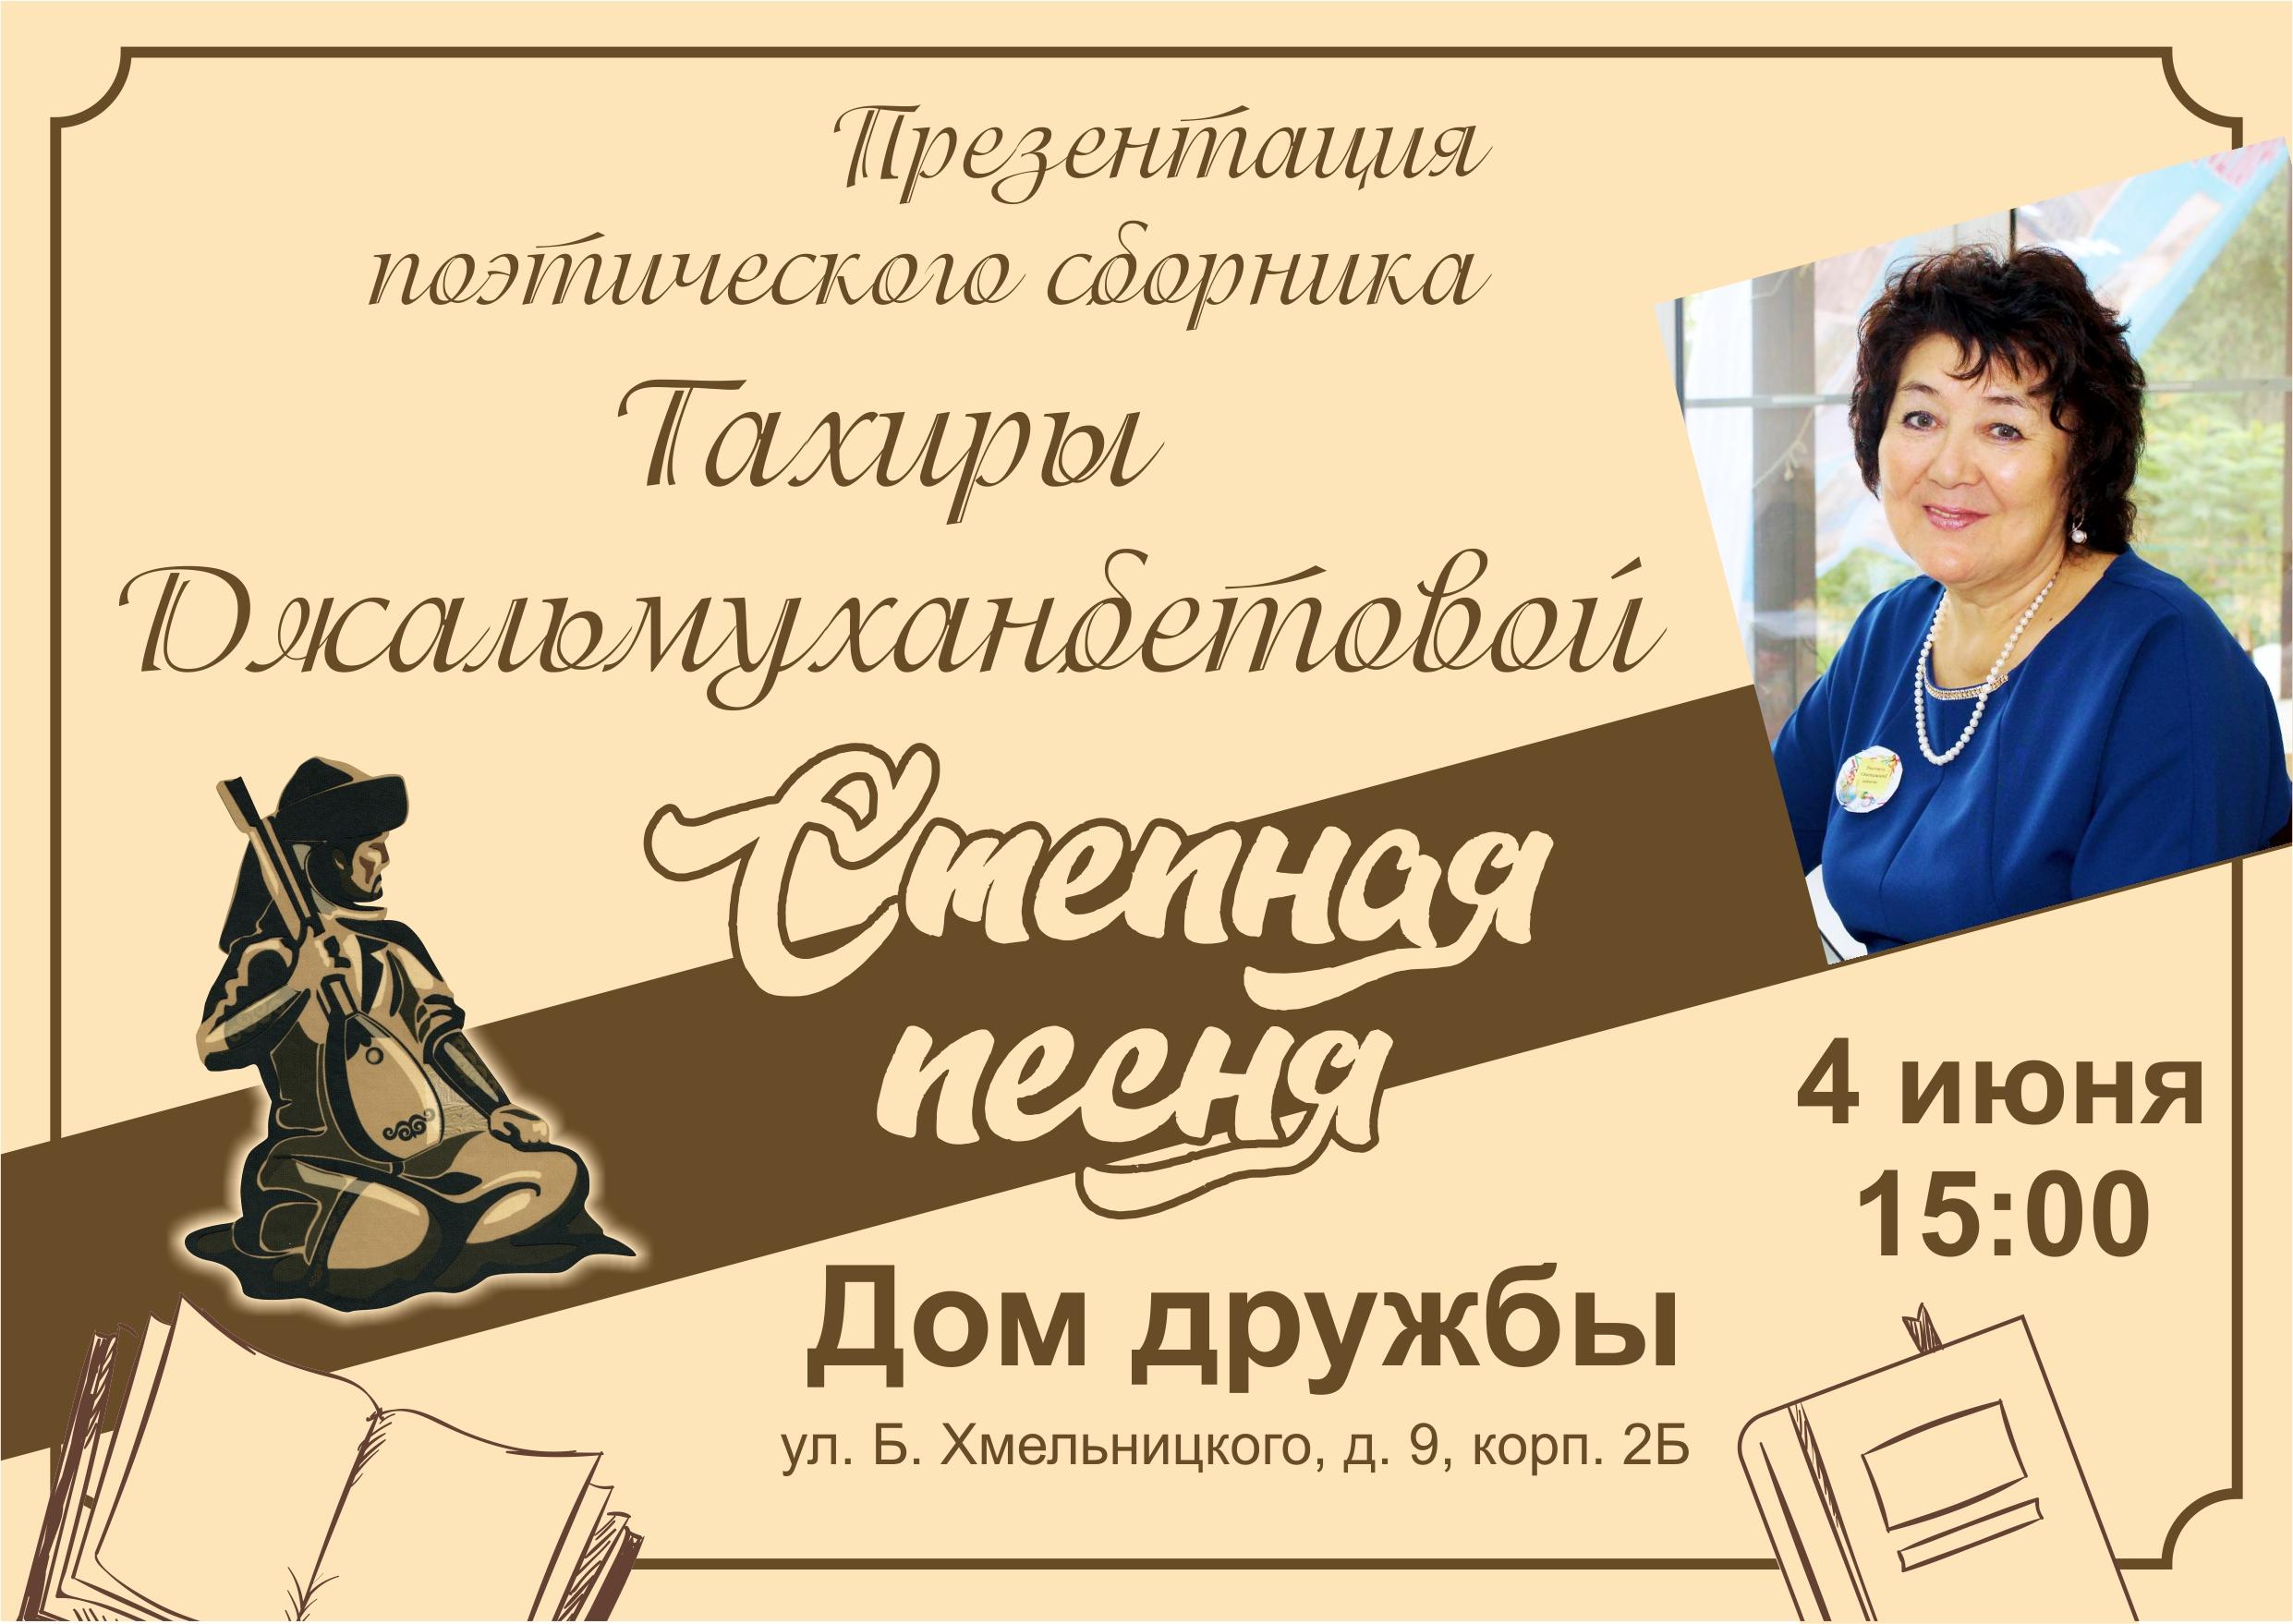 В Доме дружбы состоится презентация книги «Степная песня»